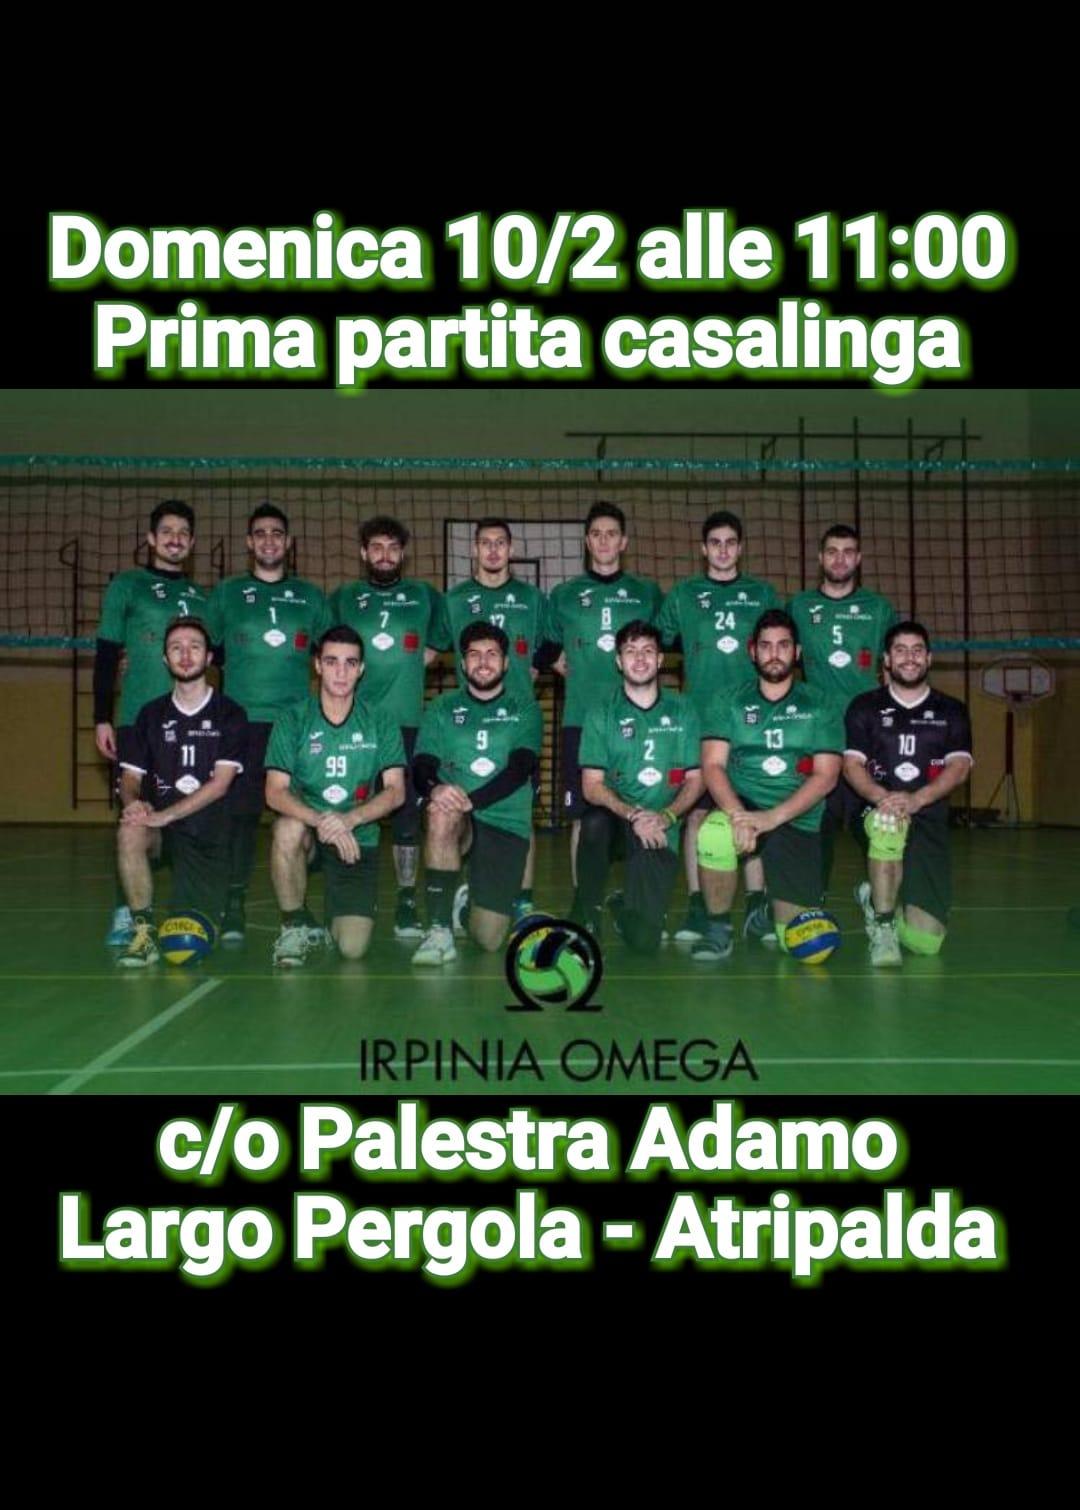 Atripalda  Volley, prima in casa per l'Irpinia Omega: domani c'è il Caffè Vergnano